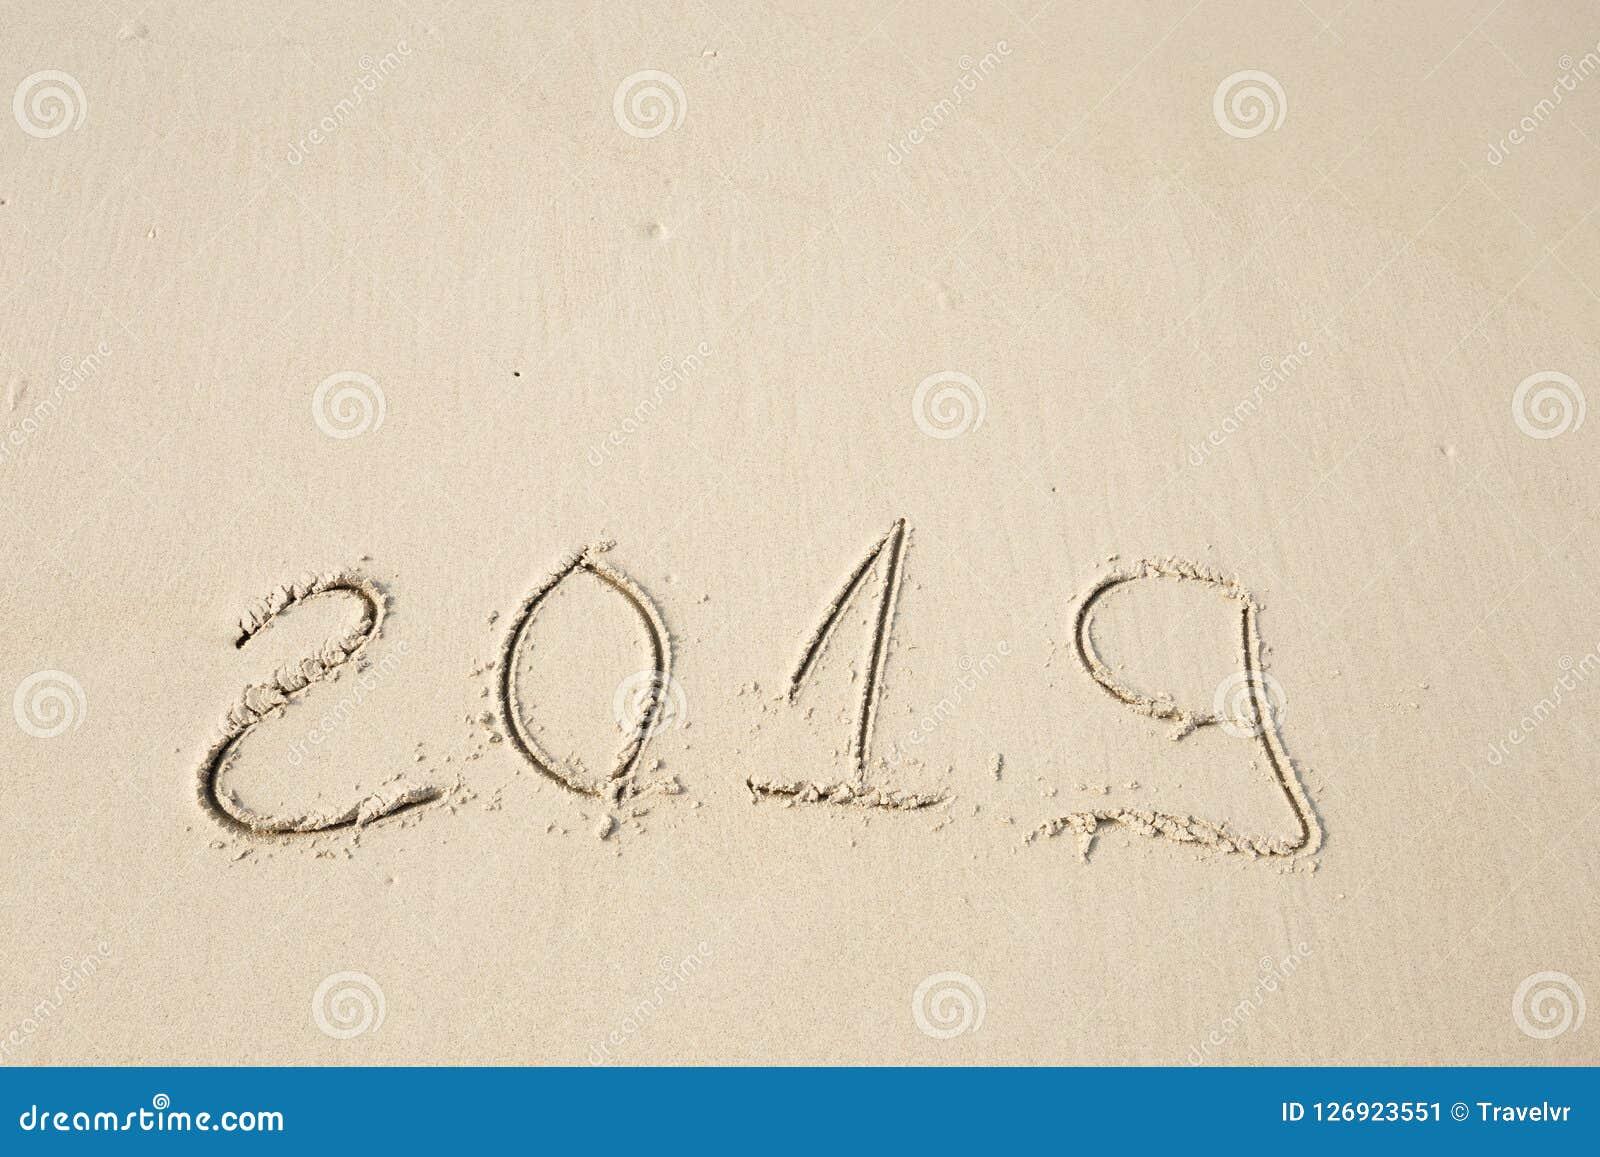 Happy New Year 2019 Stock Image Image Of Beach Bermuda 126923551